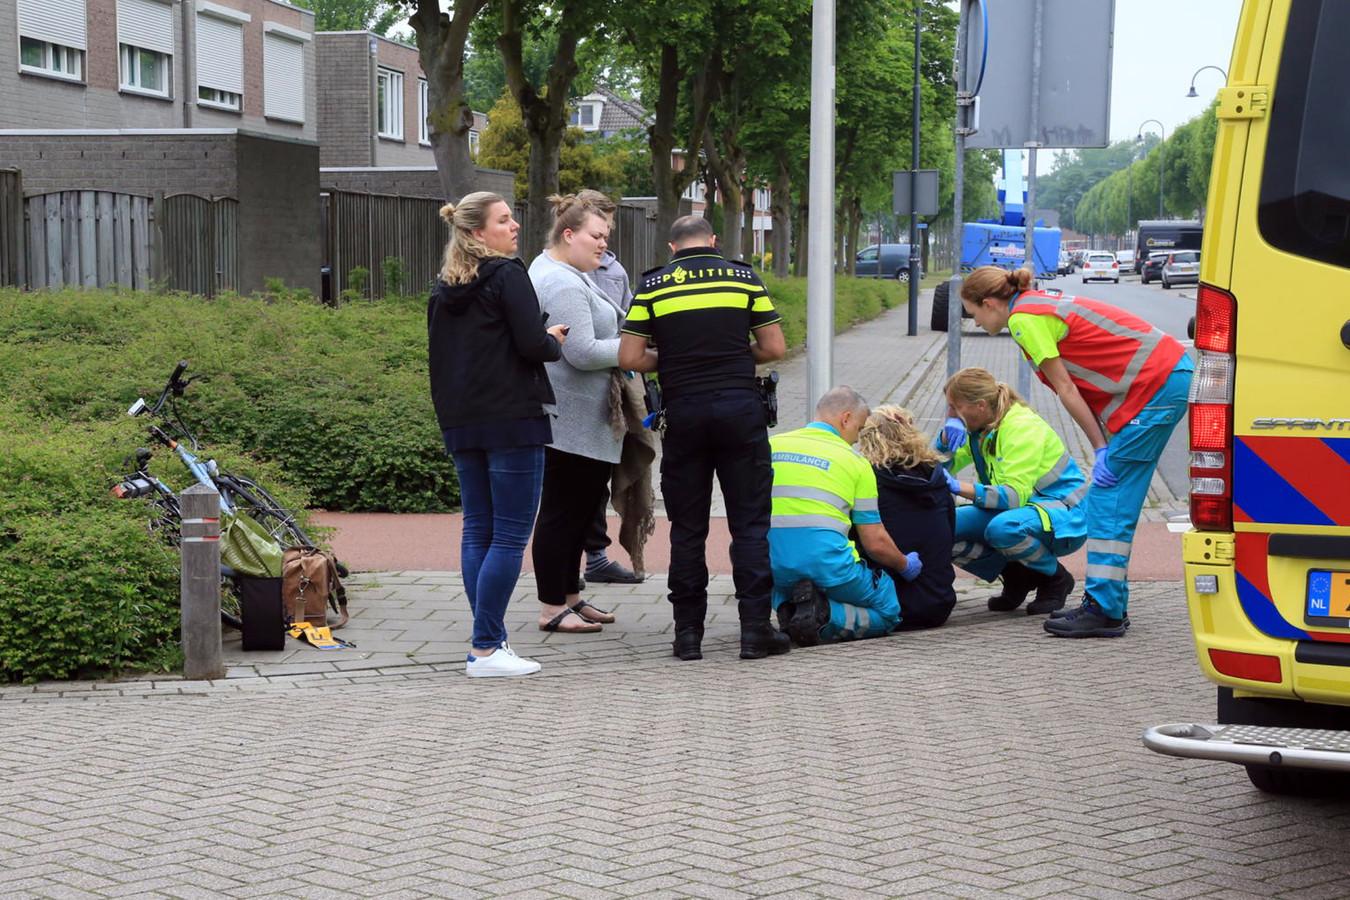 Ambulance-verpleegkundigen in actie na een ongeluk waarbij een fietser door een auto werd aangereden aan de Korhoenderhof in Helmond. (archieffoto)